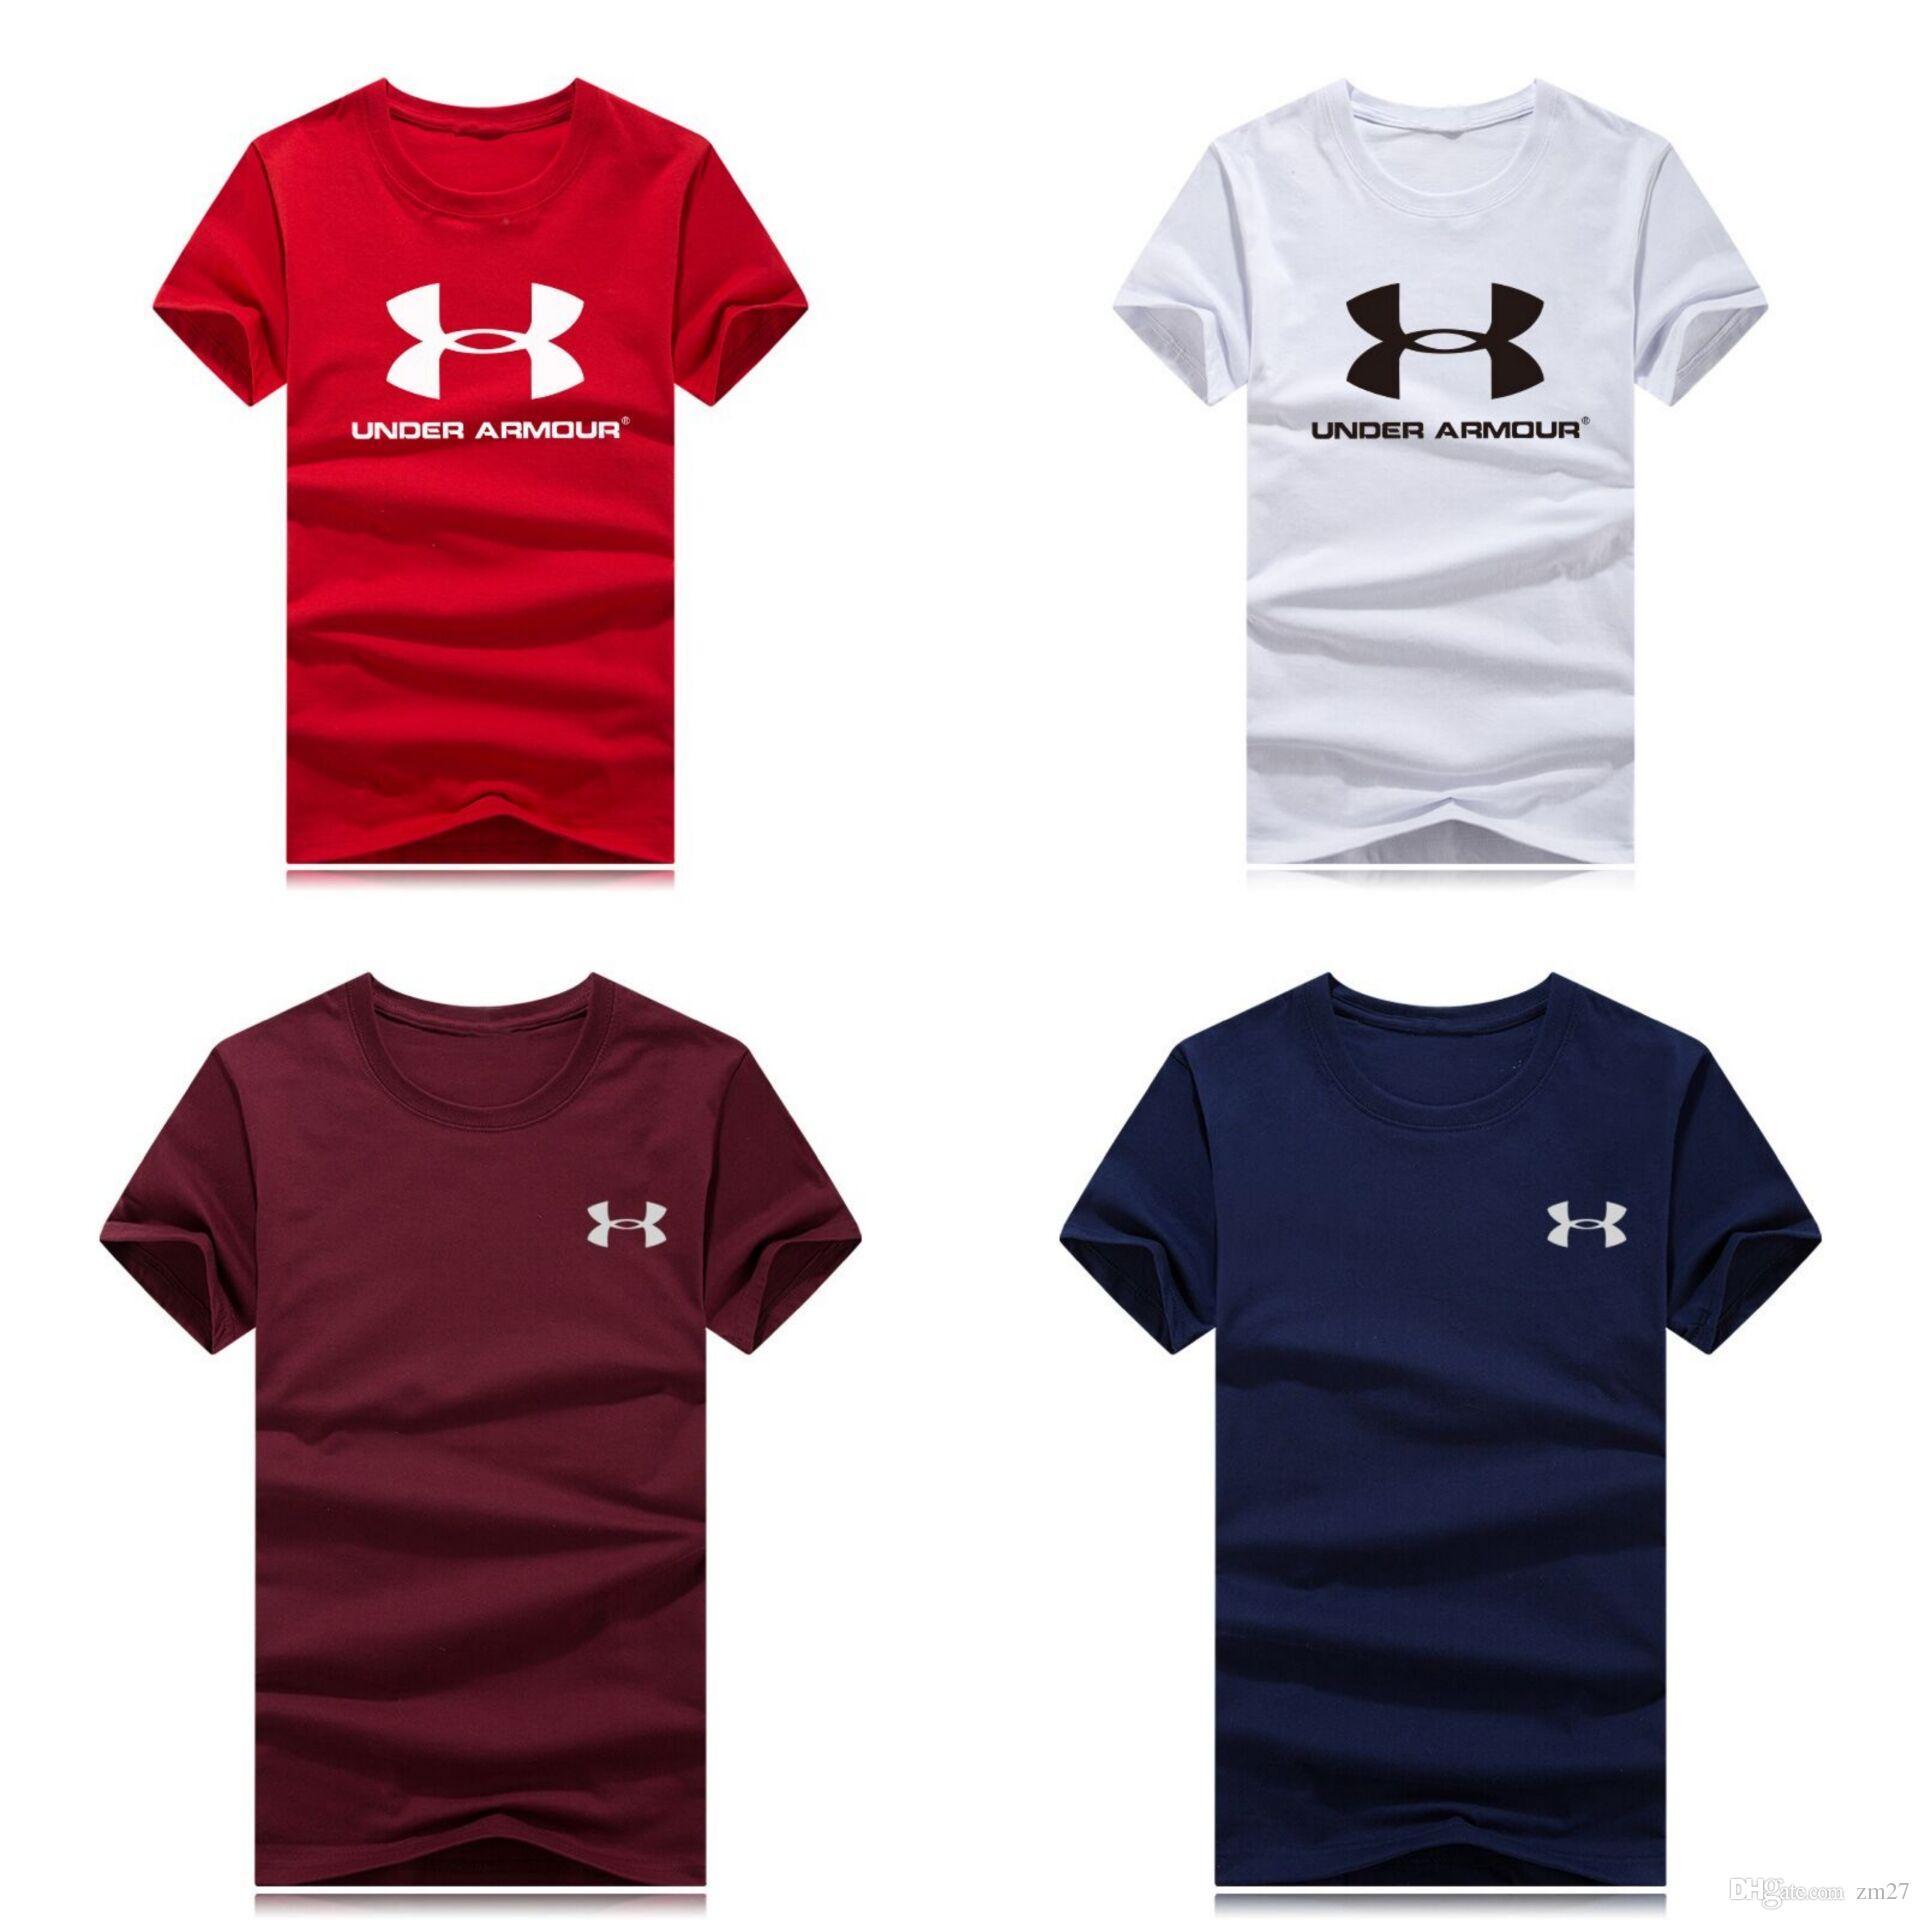 Großhandel neue luxus designer marke rundhals t-shirt sommer neue männer frauen t-stück hip hop casual t-shirt 8 farben